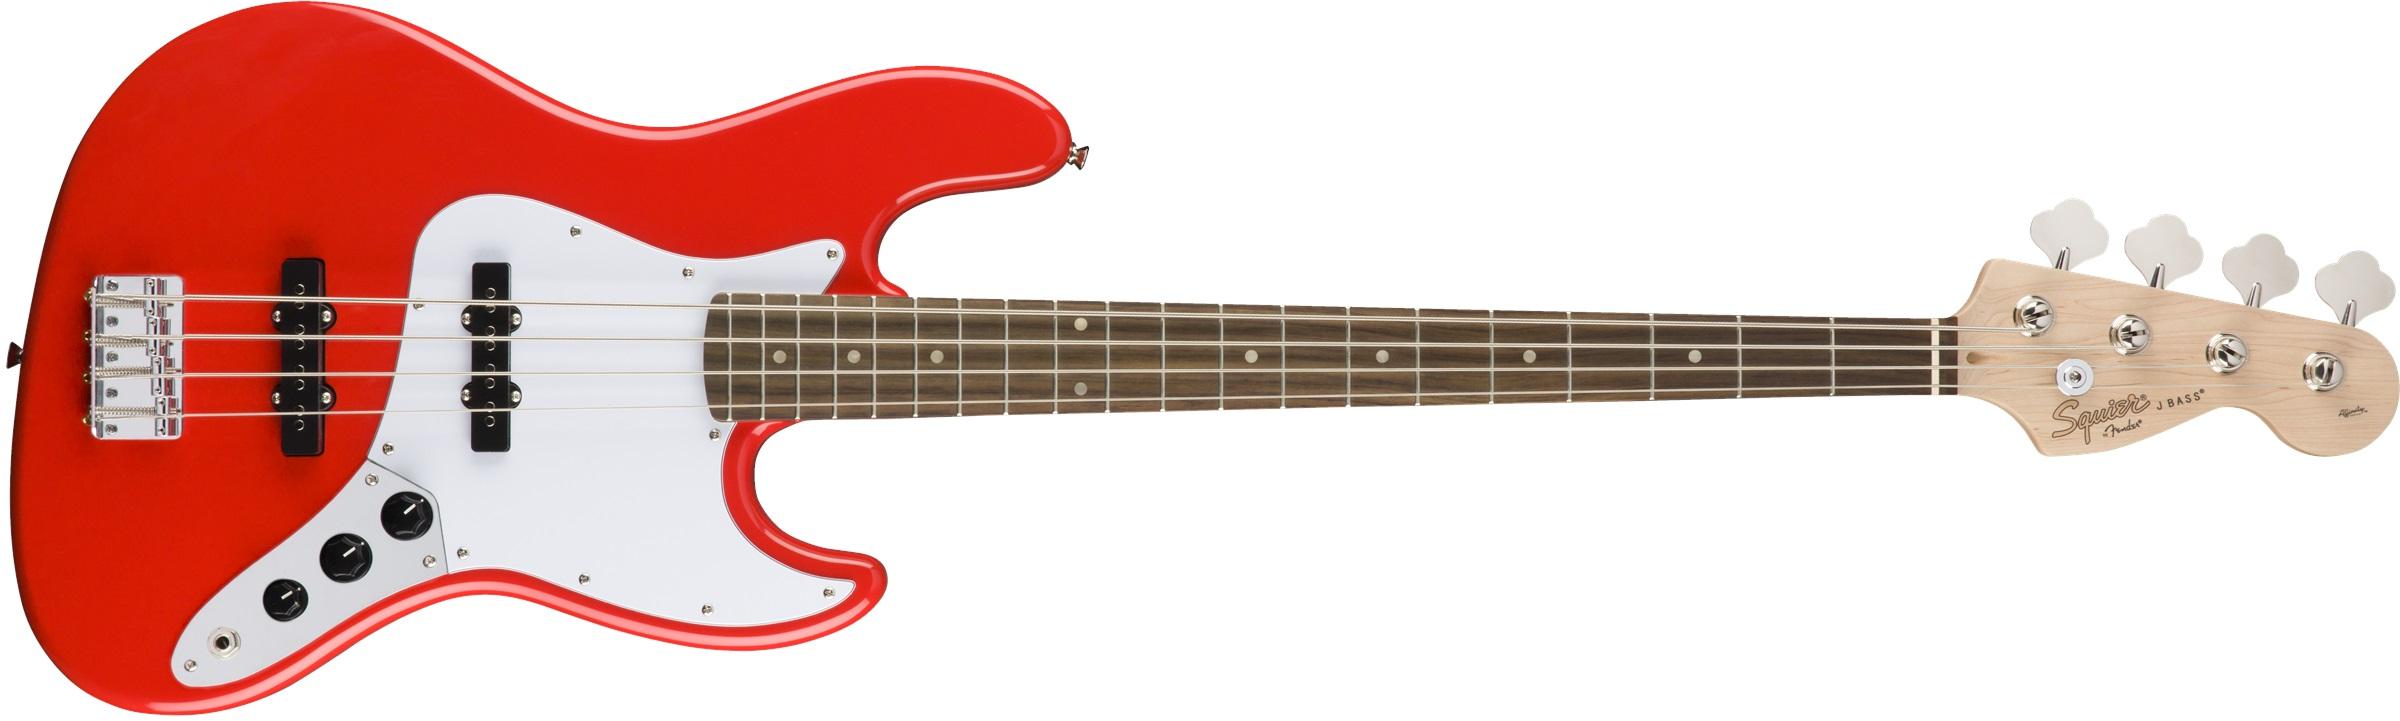 Fender Squier Affinity Jazz Bass LRL RCR